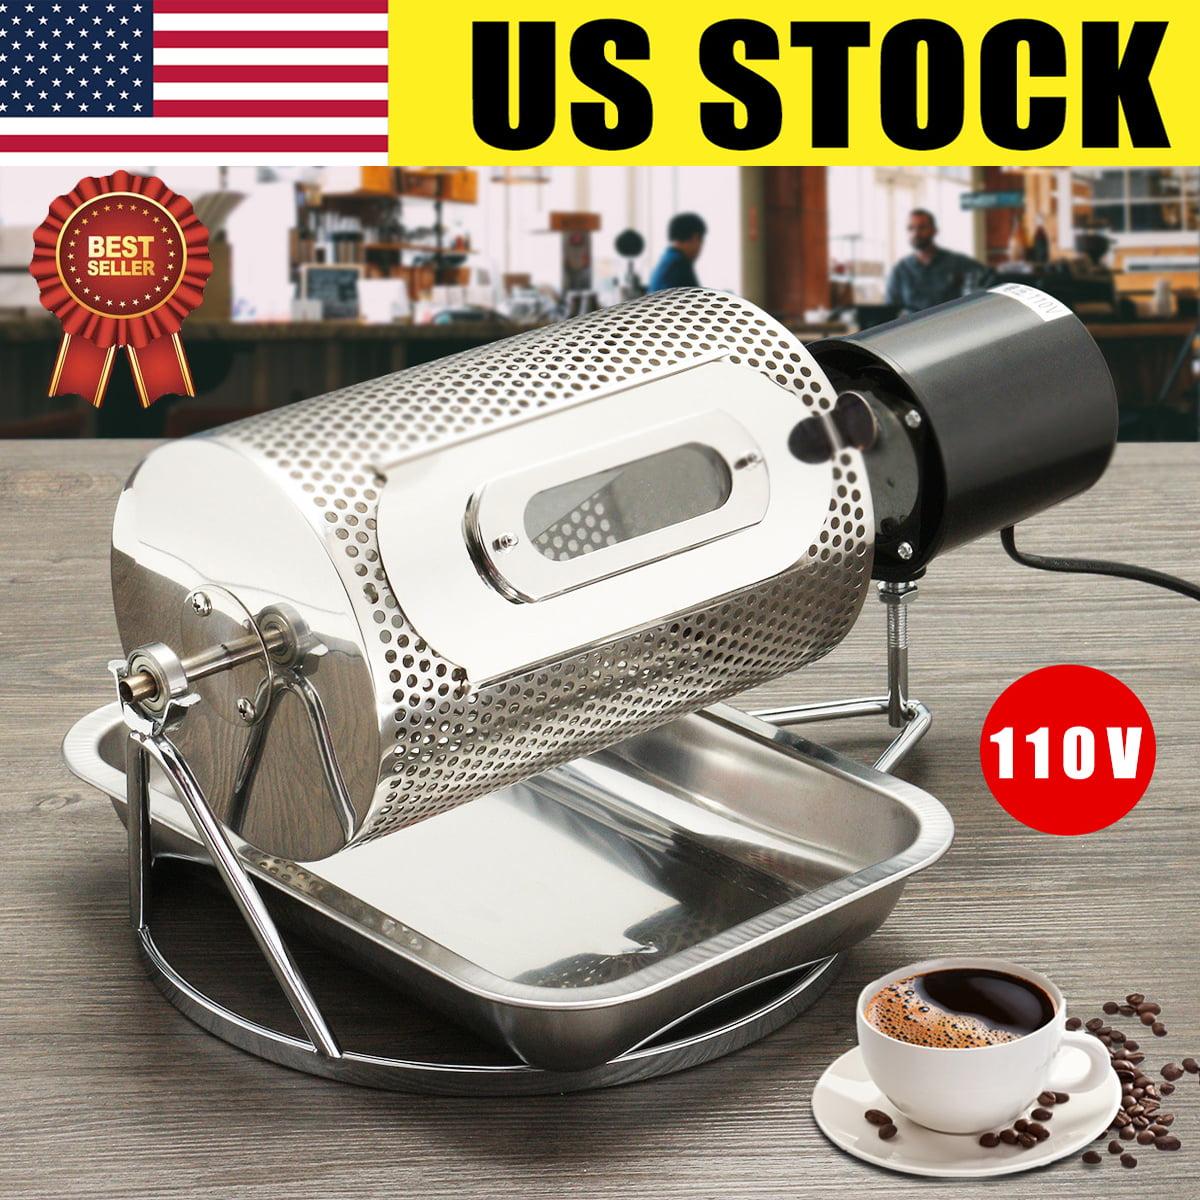 USA Stainless Steel Coffee Bean Roasting Machine Roaster Roller Baker Home 110V